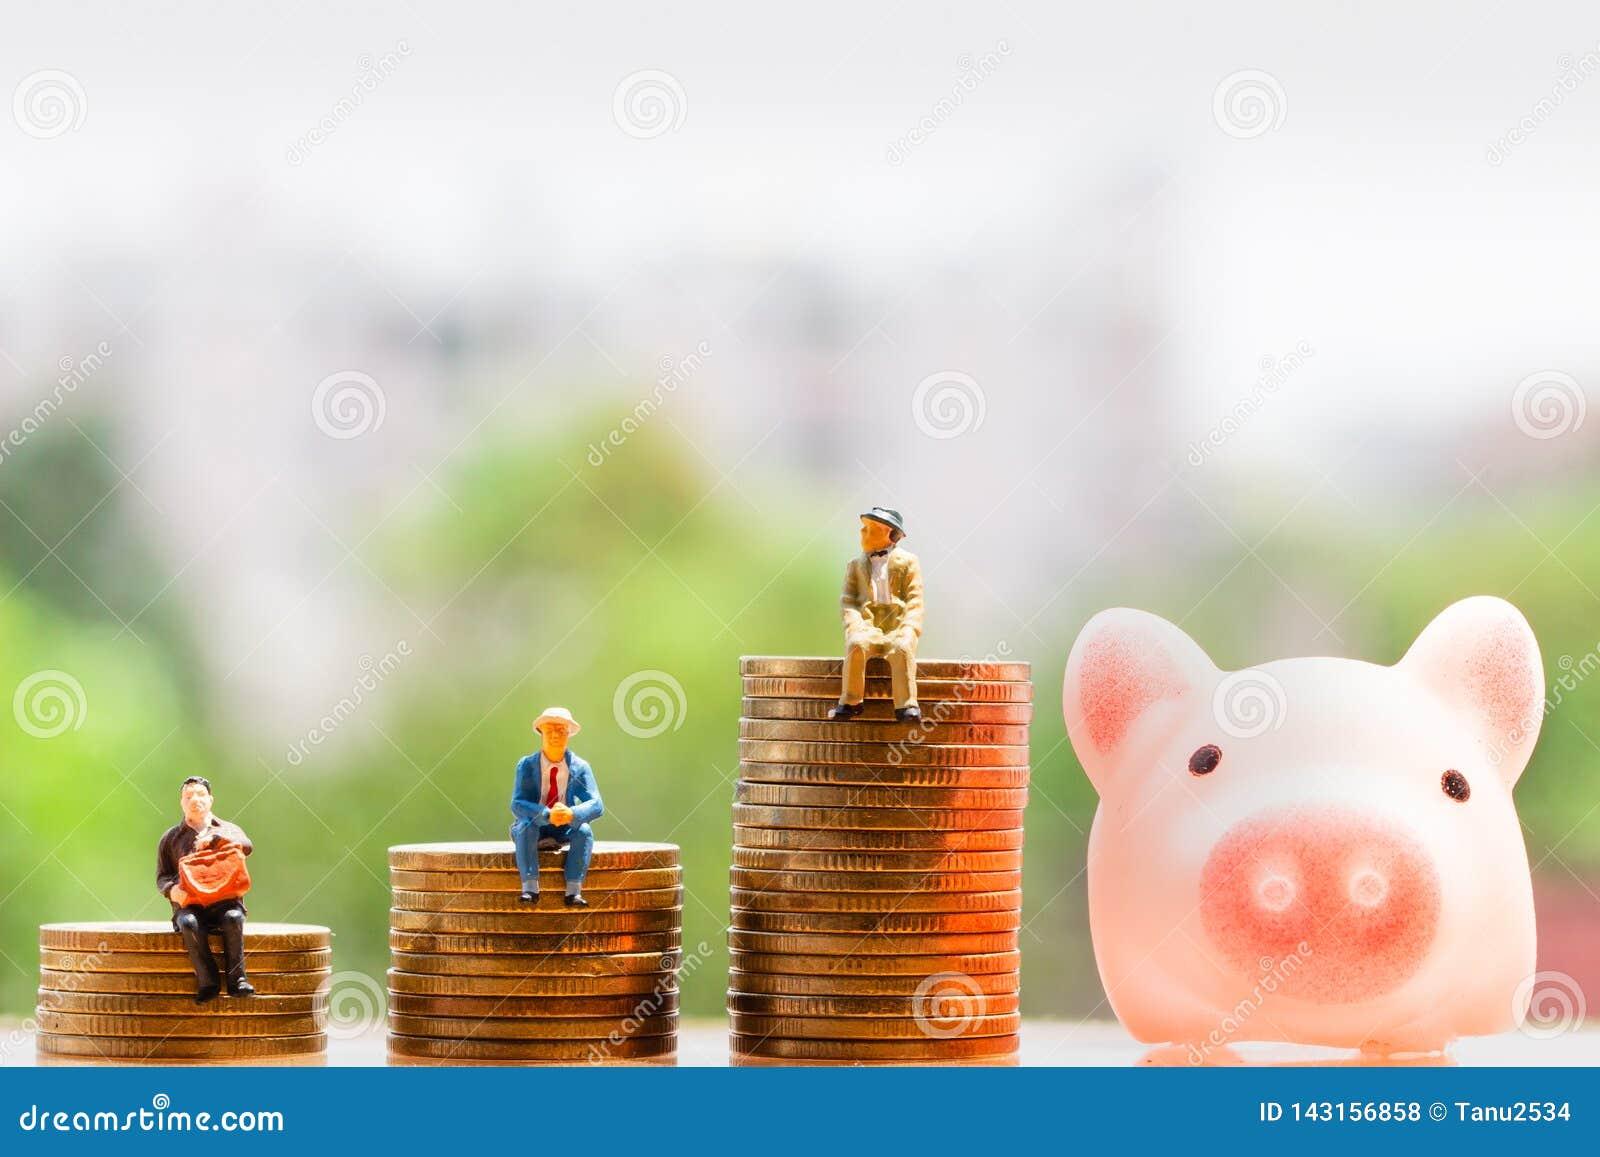 硬币和老年人自然背景的;节约金钱